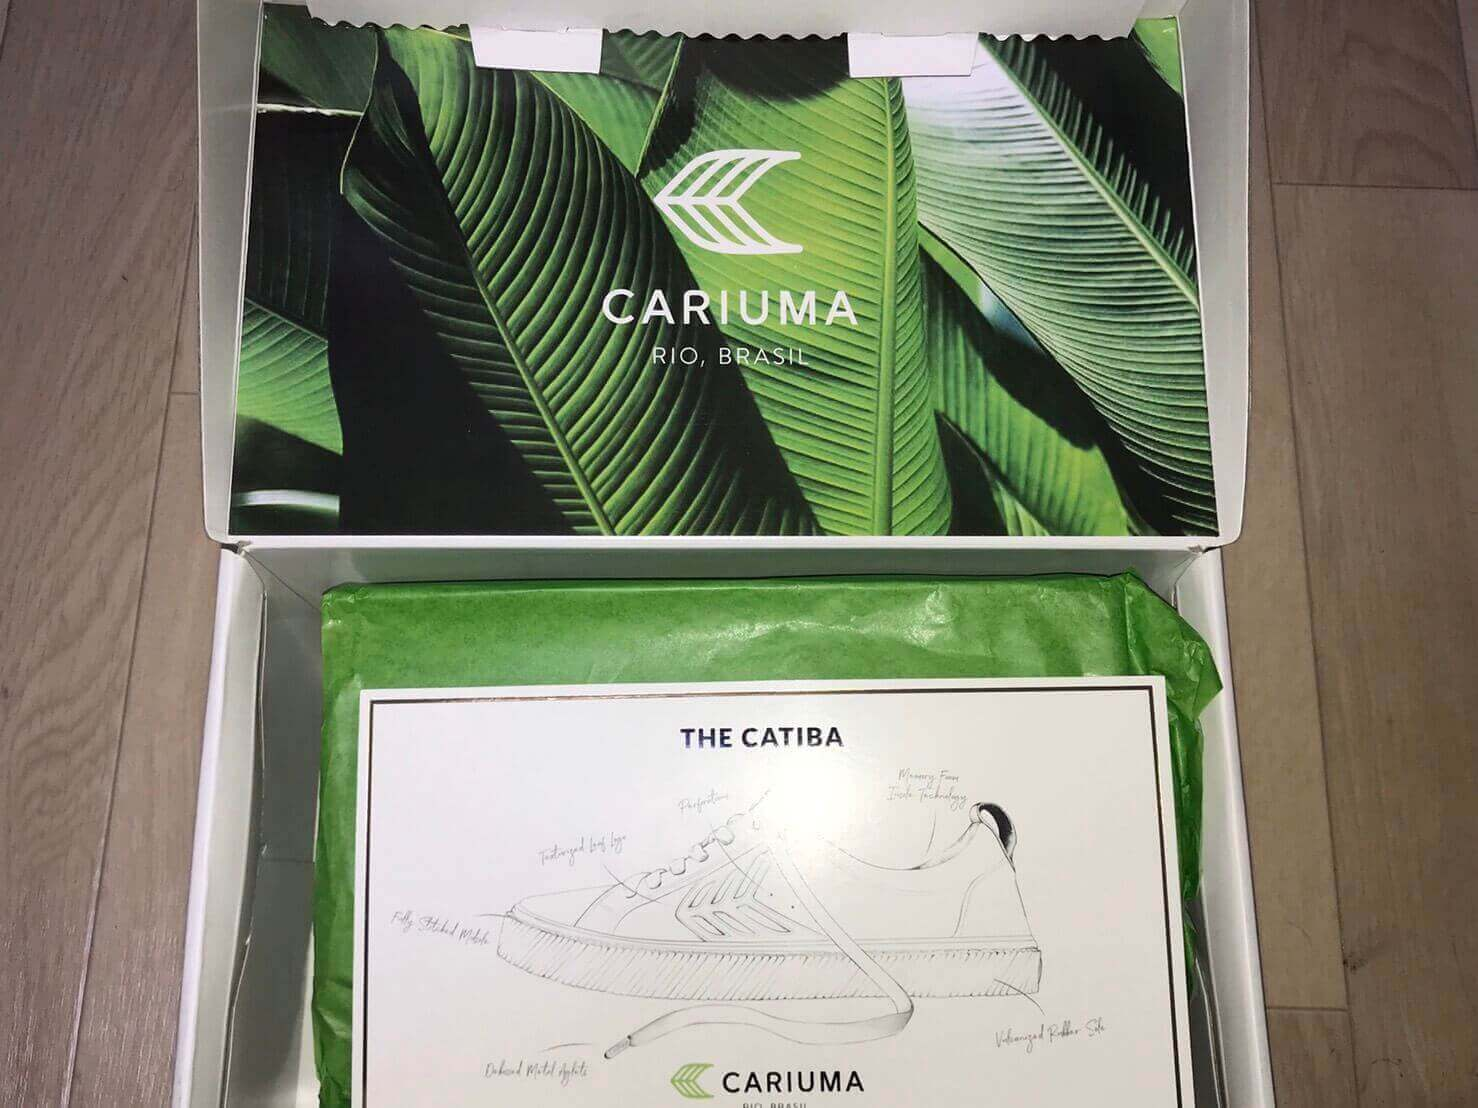 CARIUMAのスニーカーの箱の中身